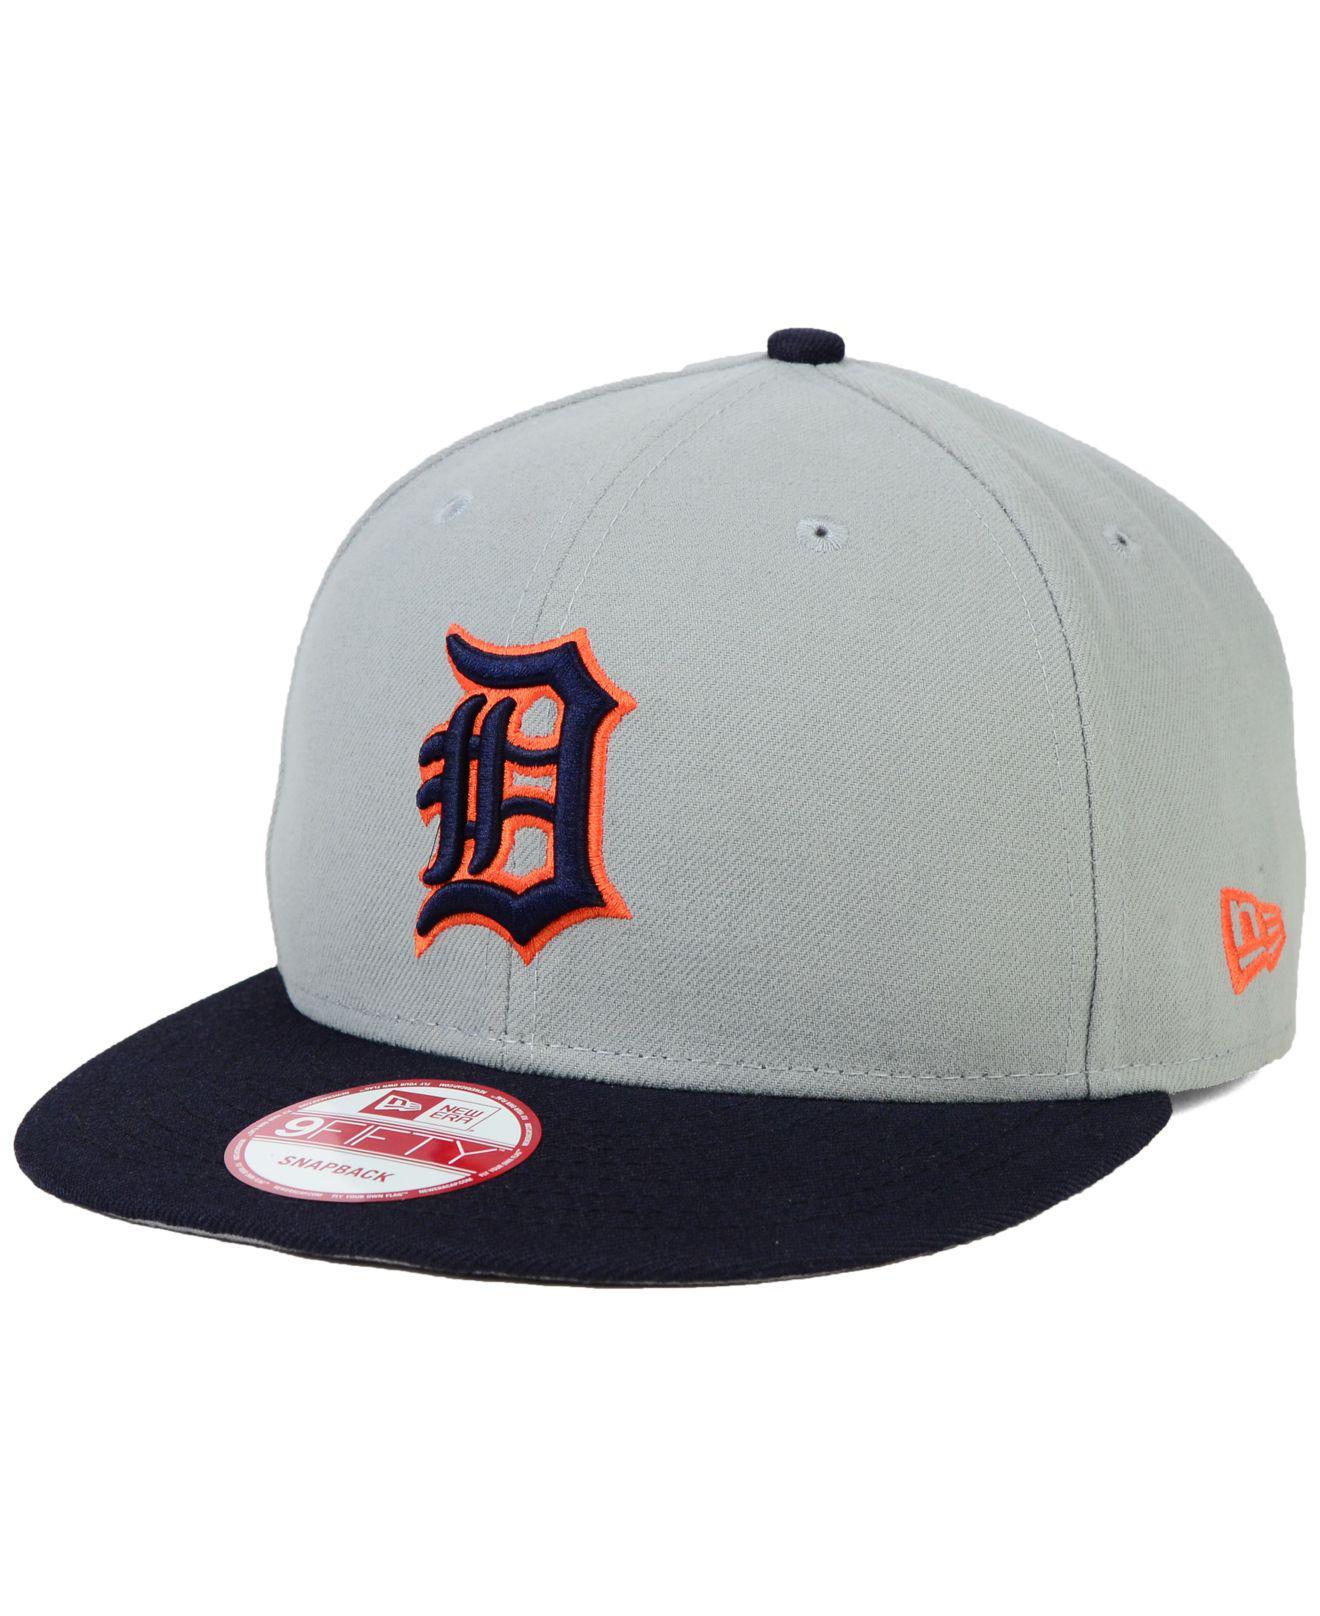 big sale d4d7a 71fa1 KTZ. Men s Gray Detroit Tigers 2-tone Link 9fifty Snapback Cap